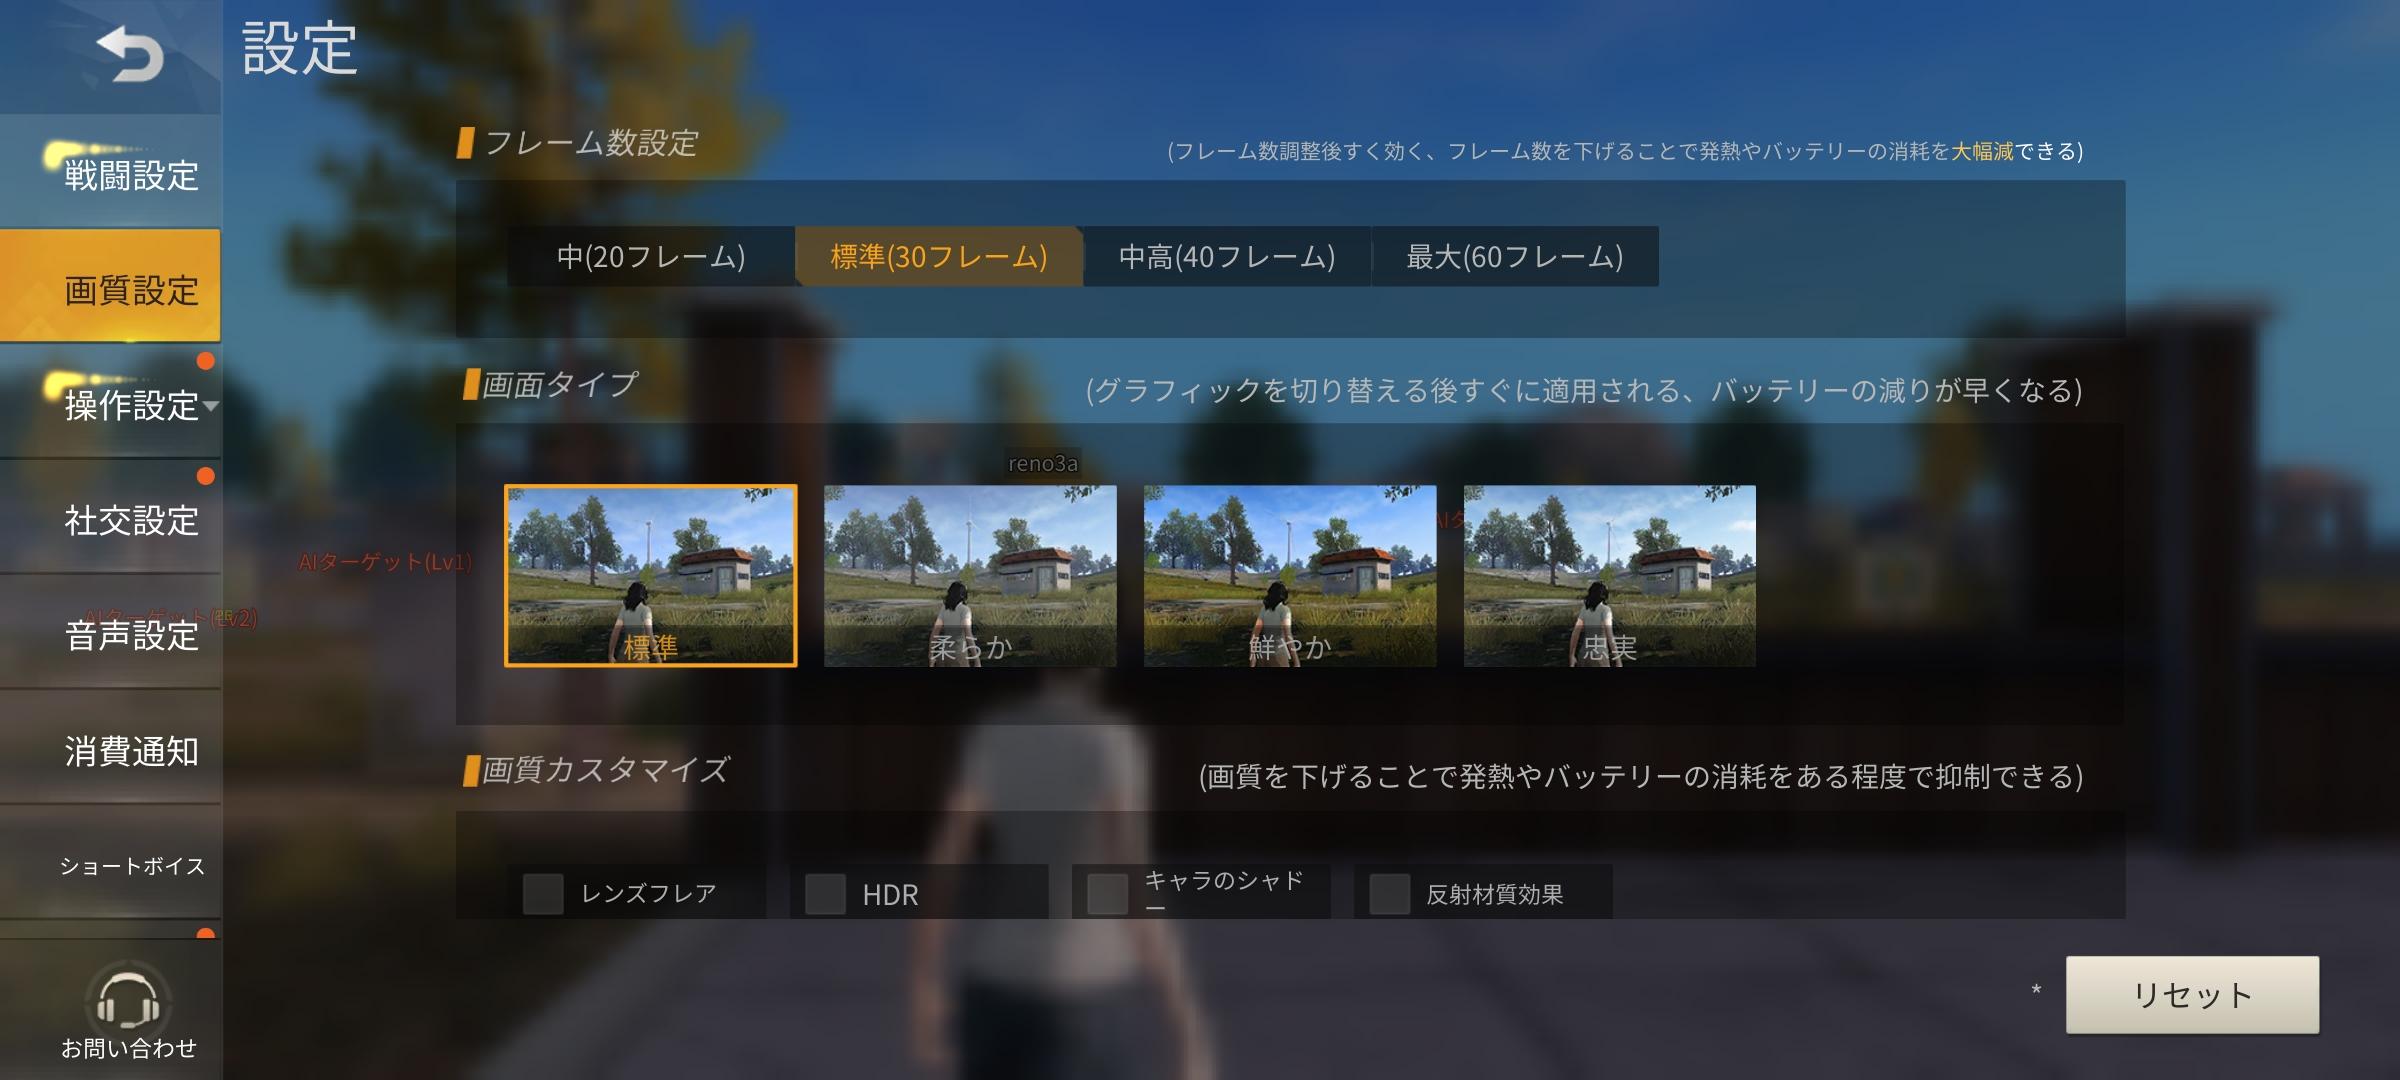 f:id:Azusa_Hirano:20200702062856j:plain